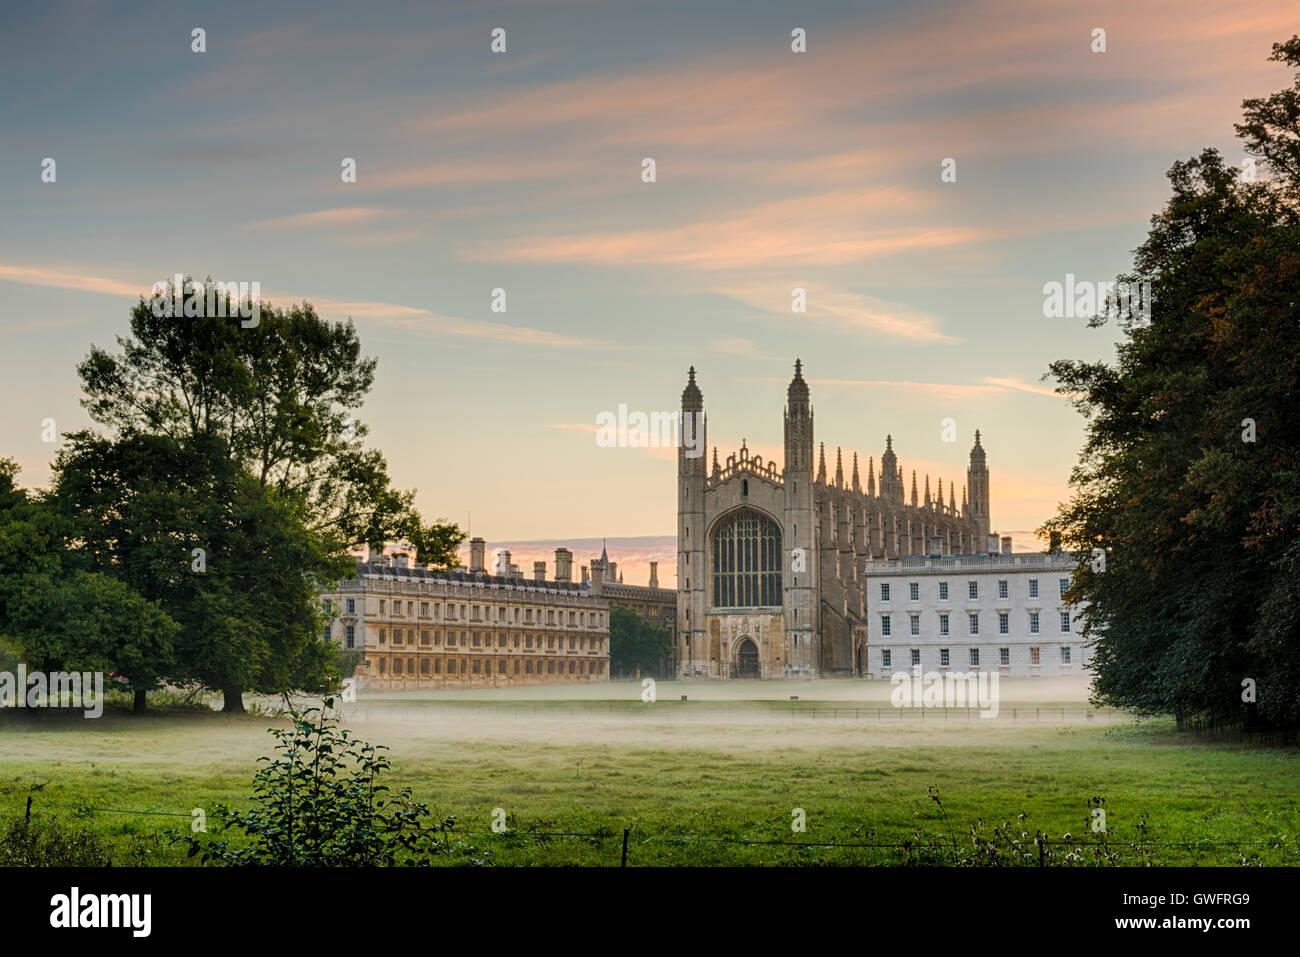 King's College, Cambridge, Reino Unido, 13 de septiembre de 2016. Mist se cuelga en el aire y en el cuidado Imagen De Stock